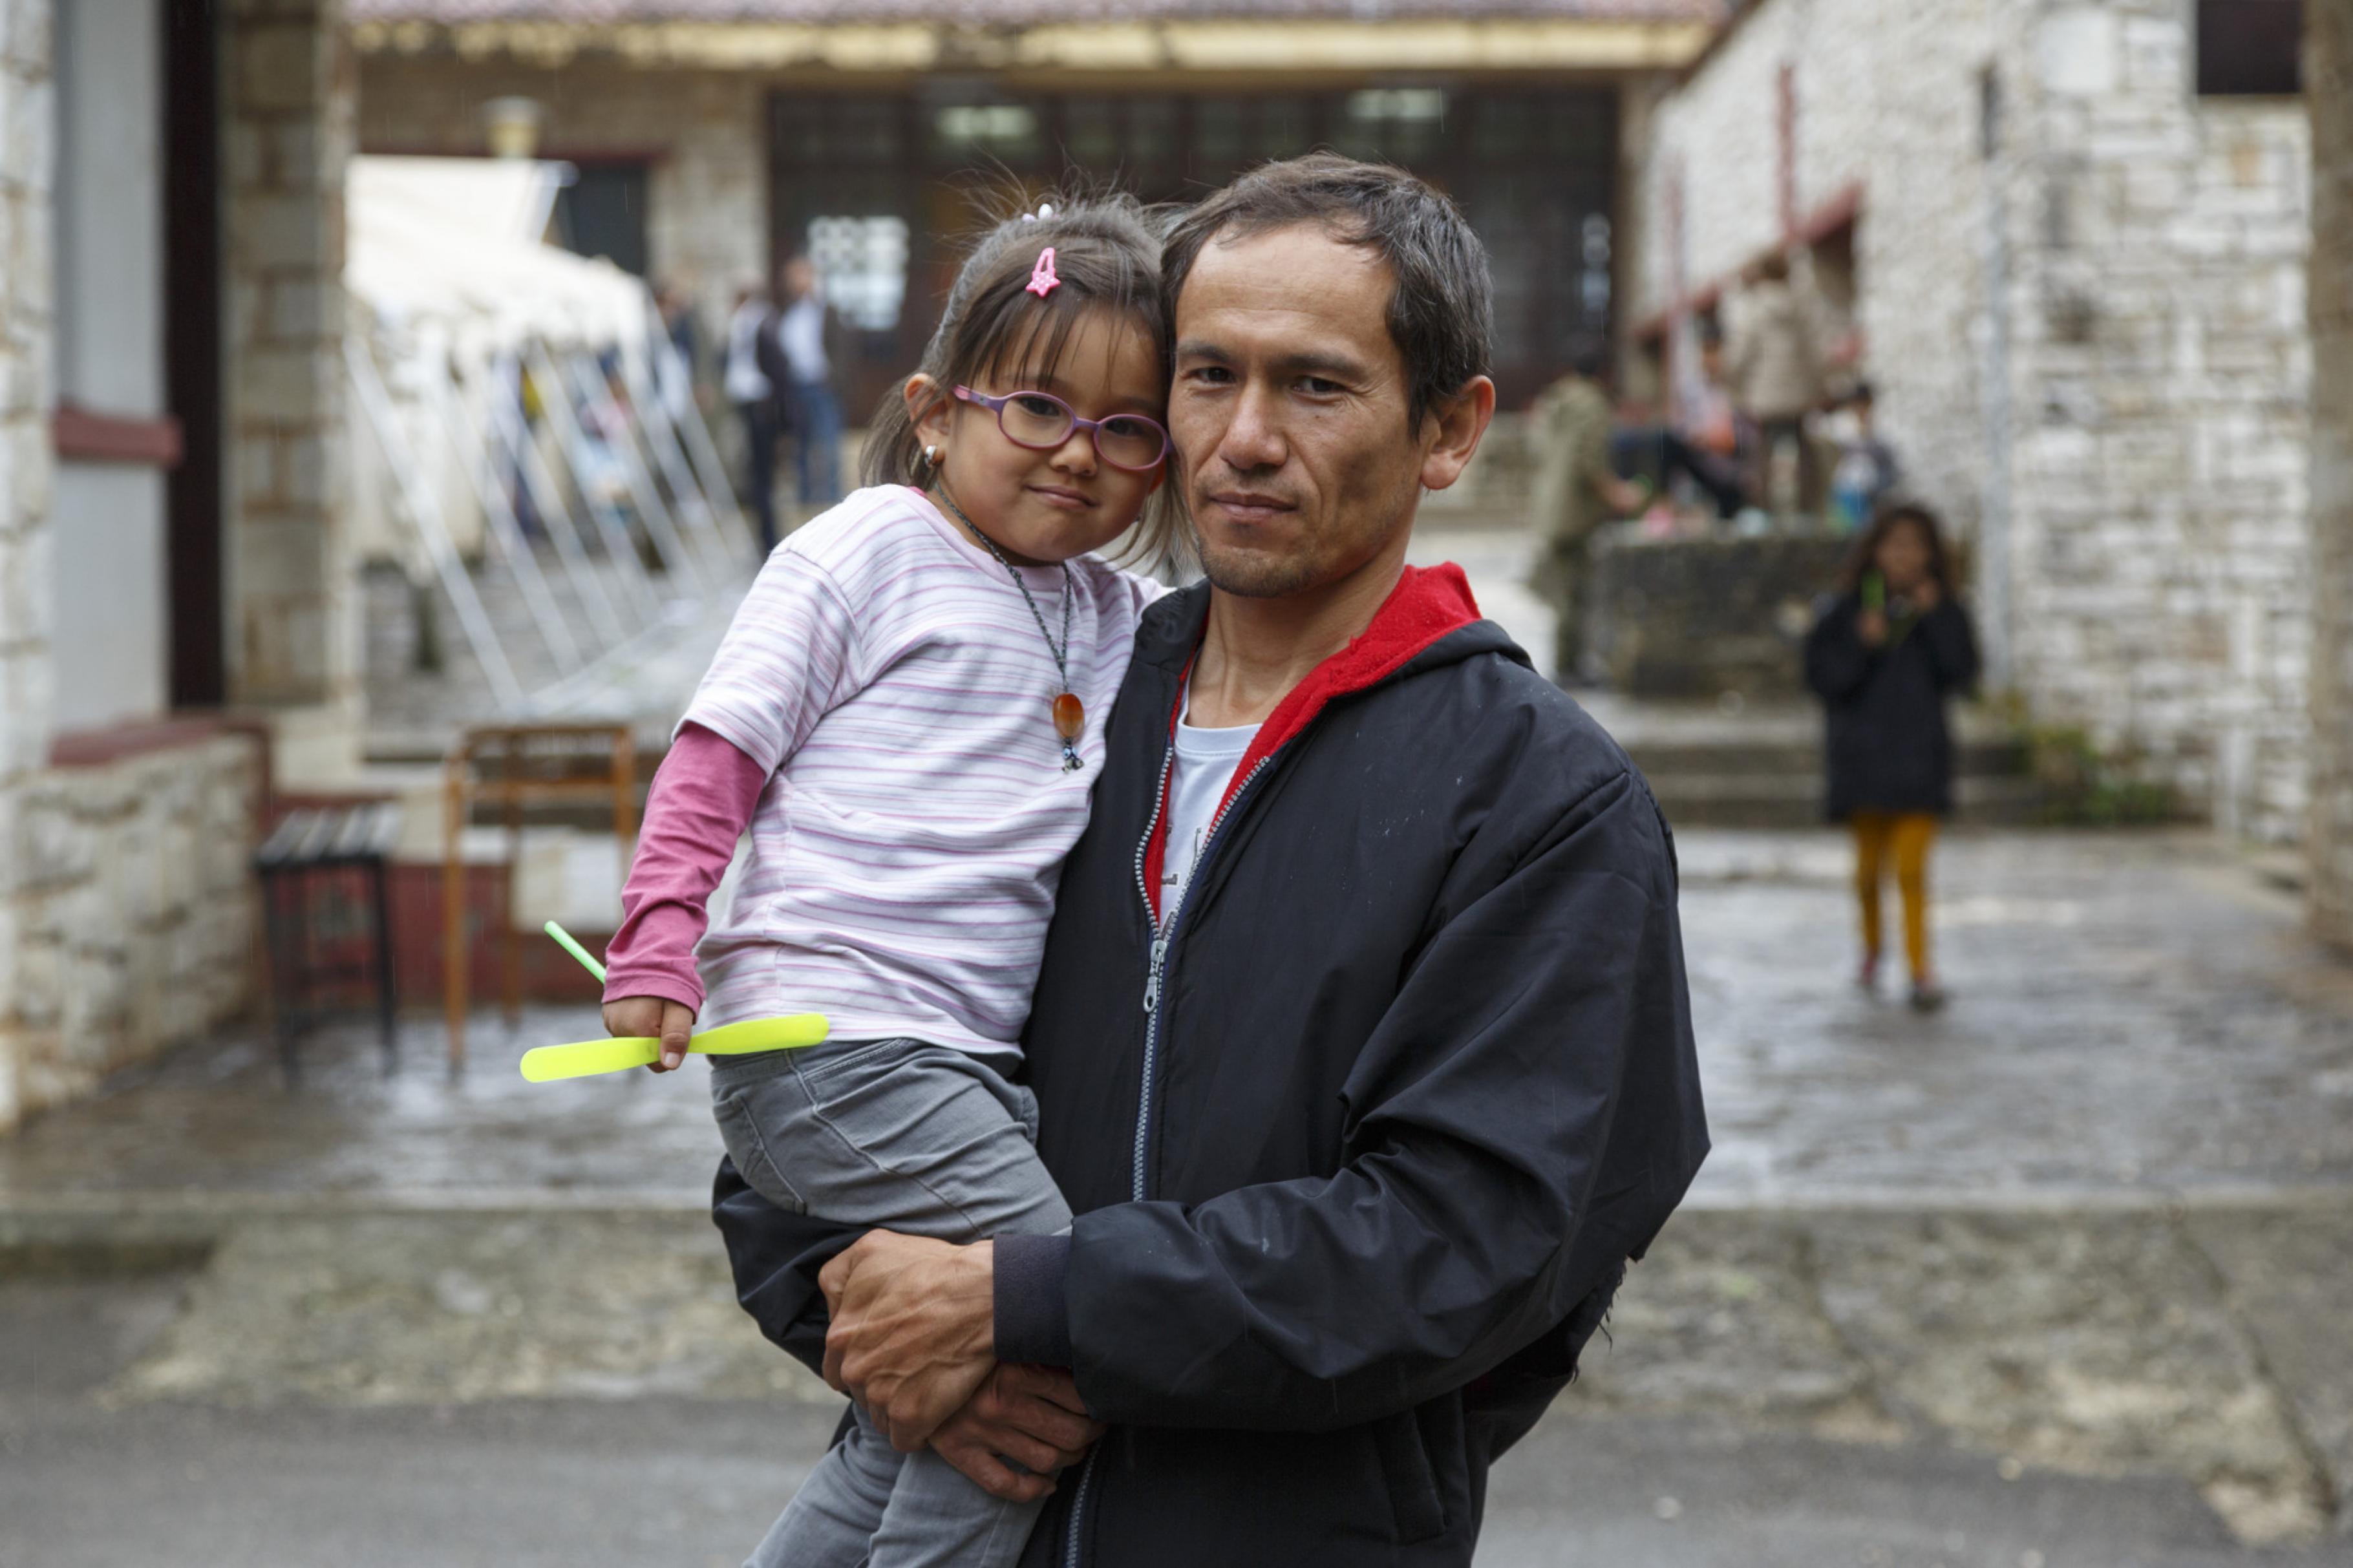 Ein Vater hält seine Tochter auf dem Arm, im Hintergrund ist ein größeres Steingebäude zu sehen